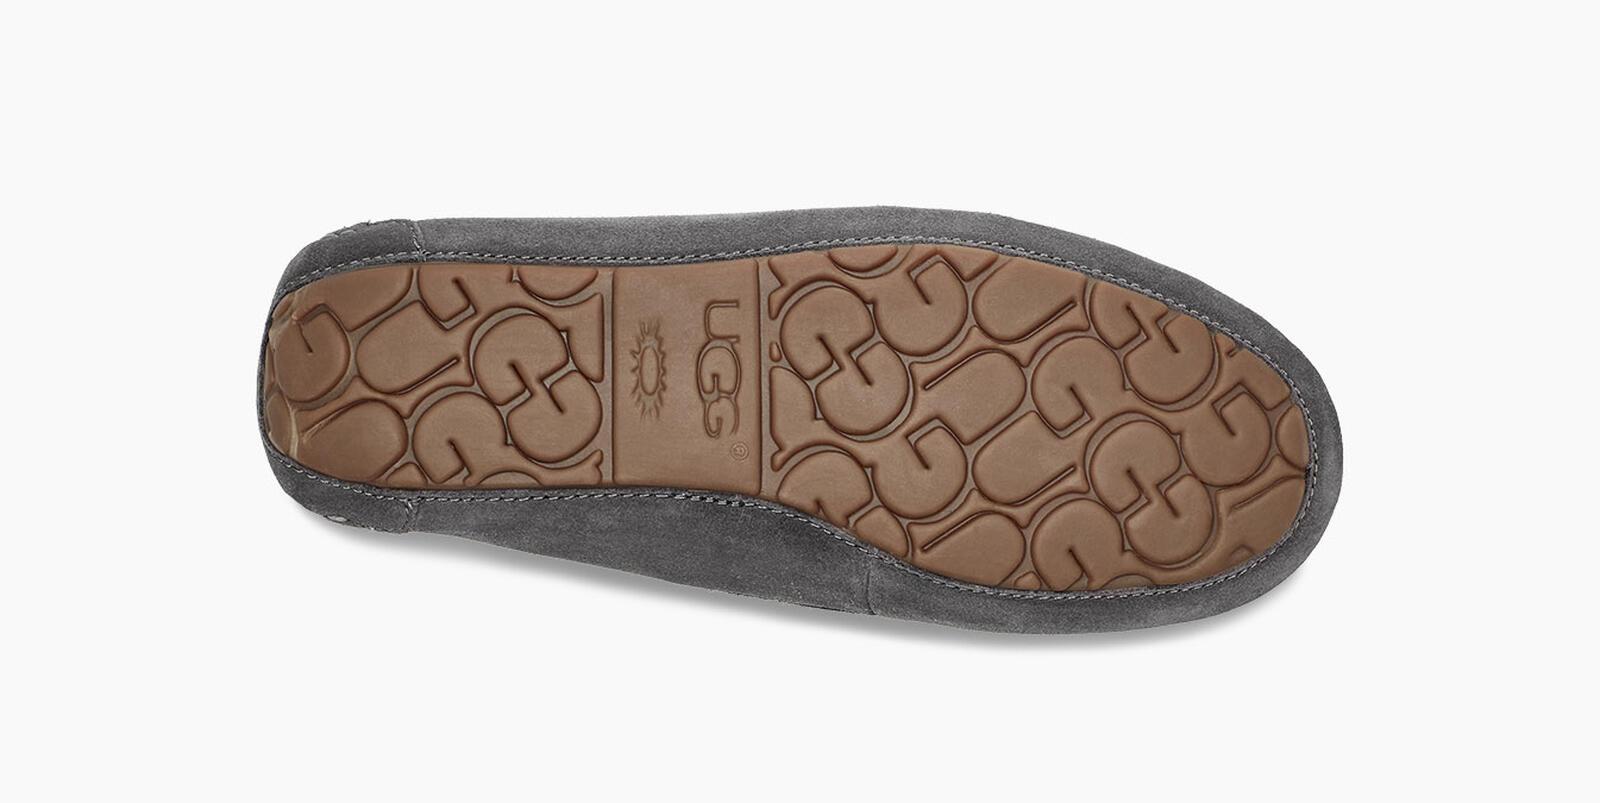 Ansley Studded Slipper